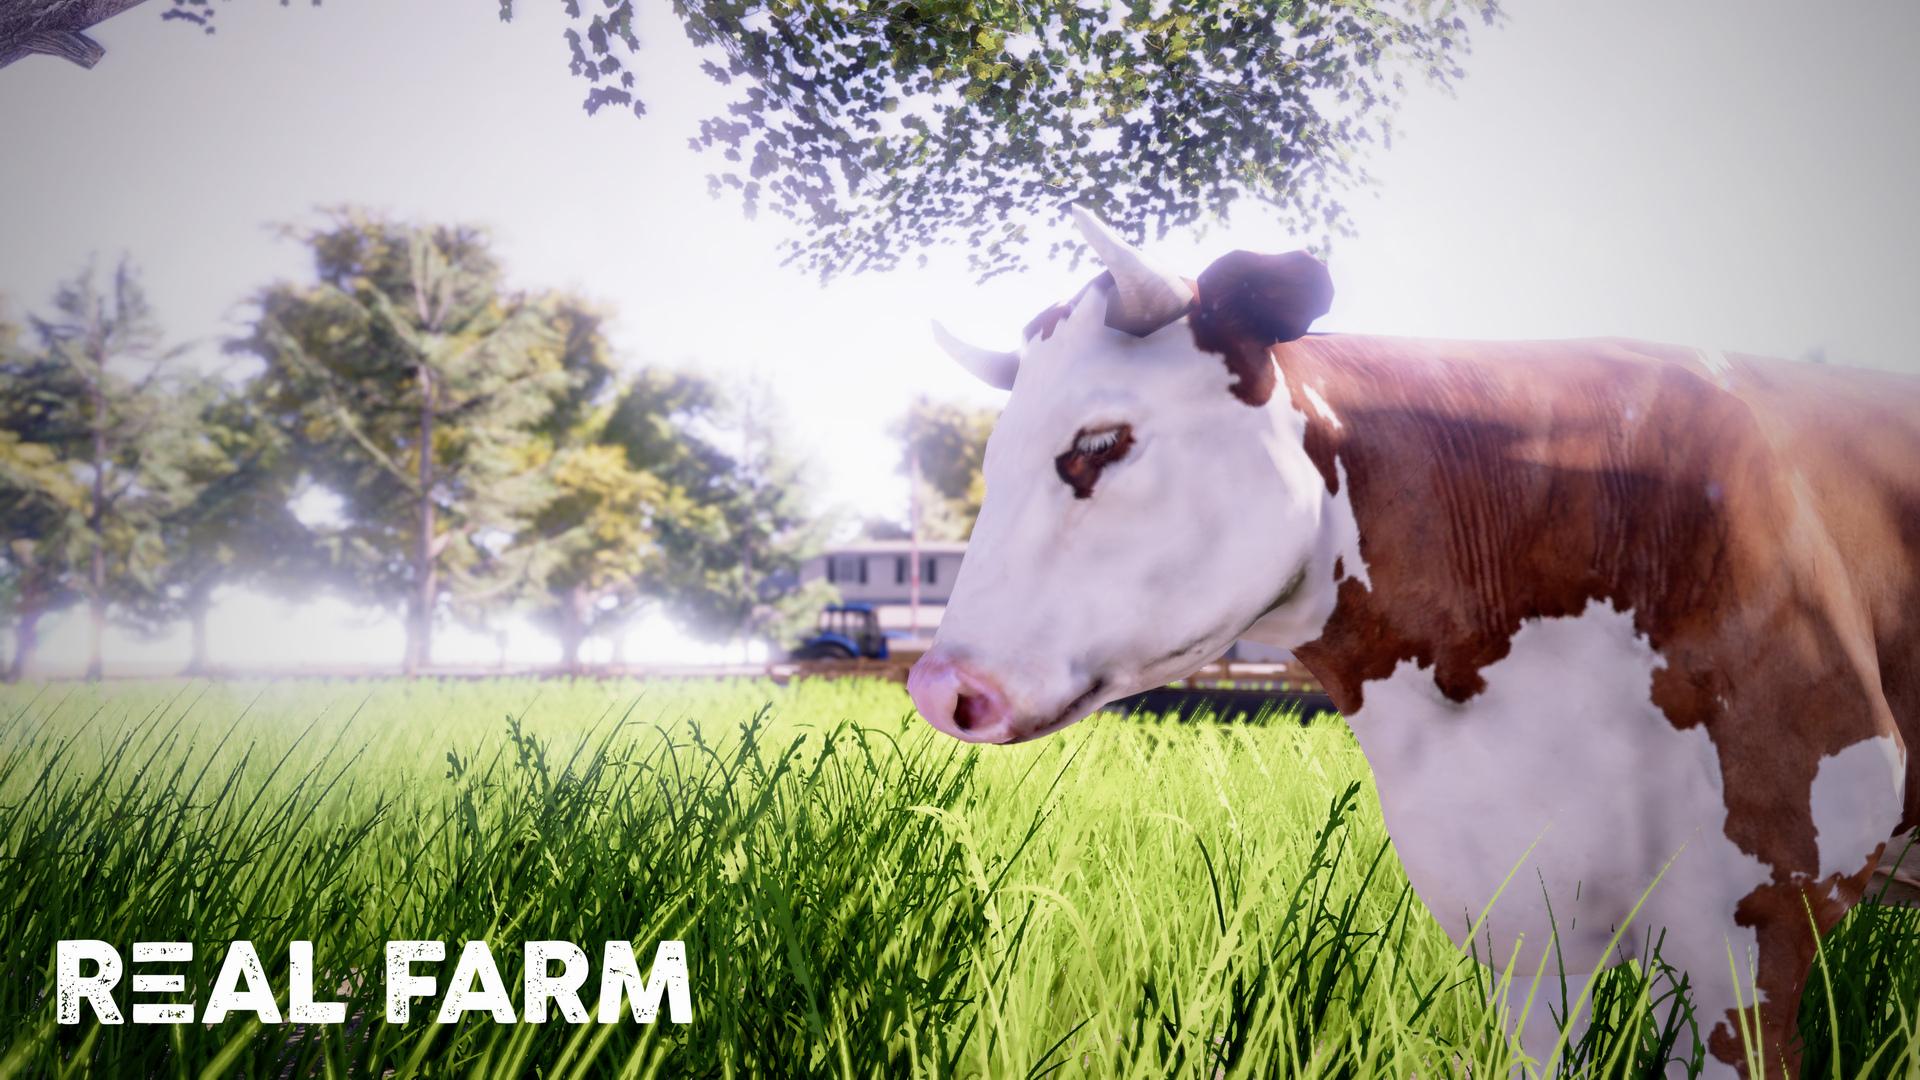 Výzva na venkově v Real Farm 149639